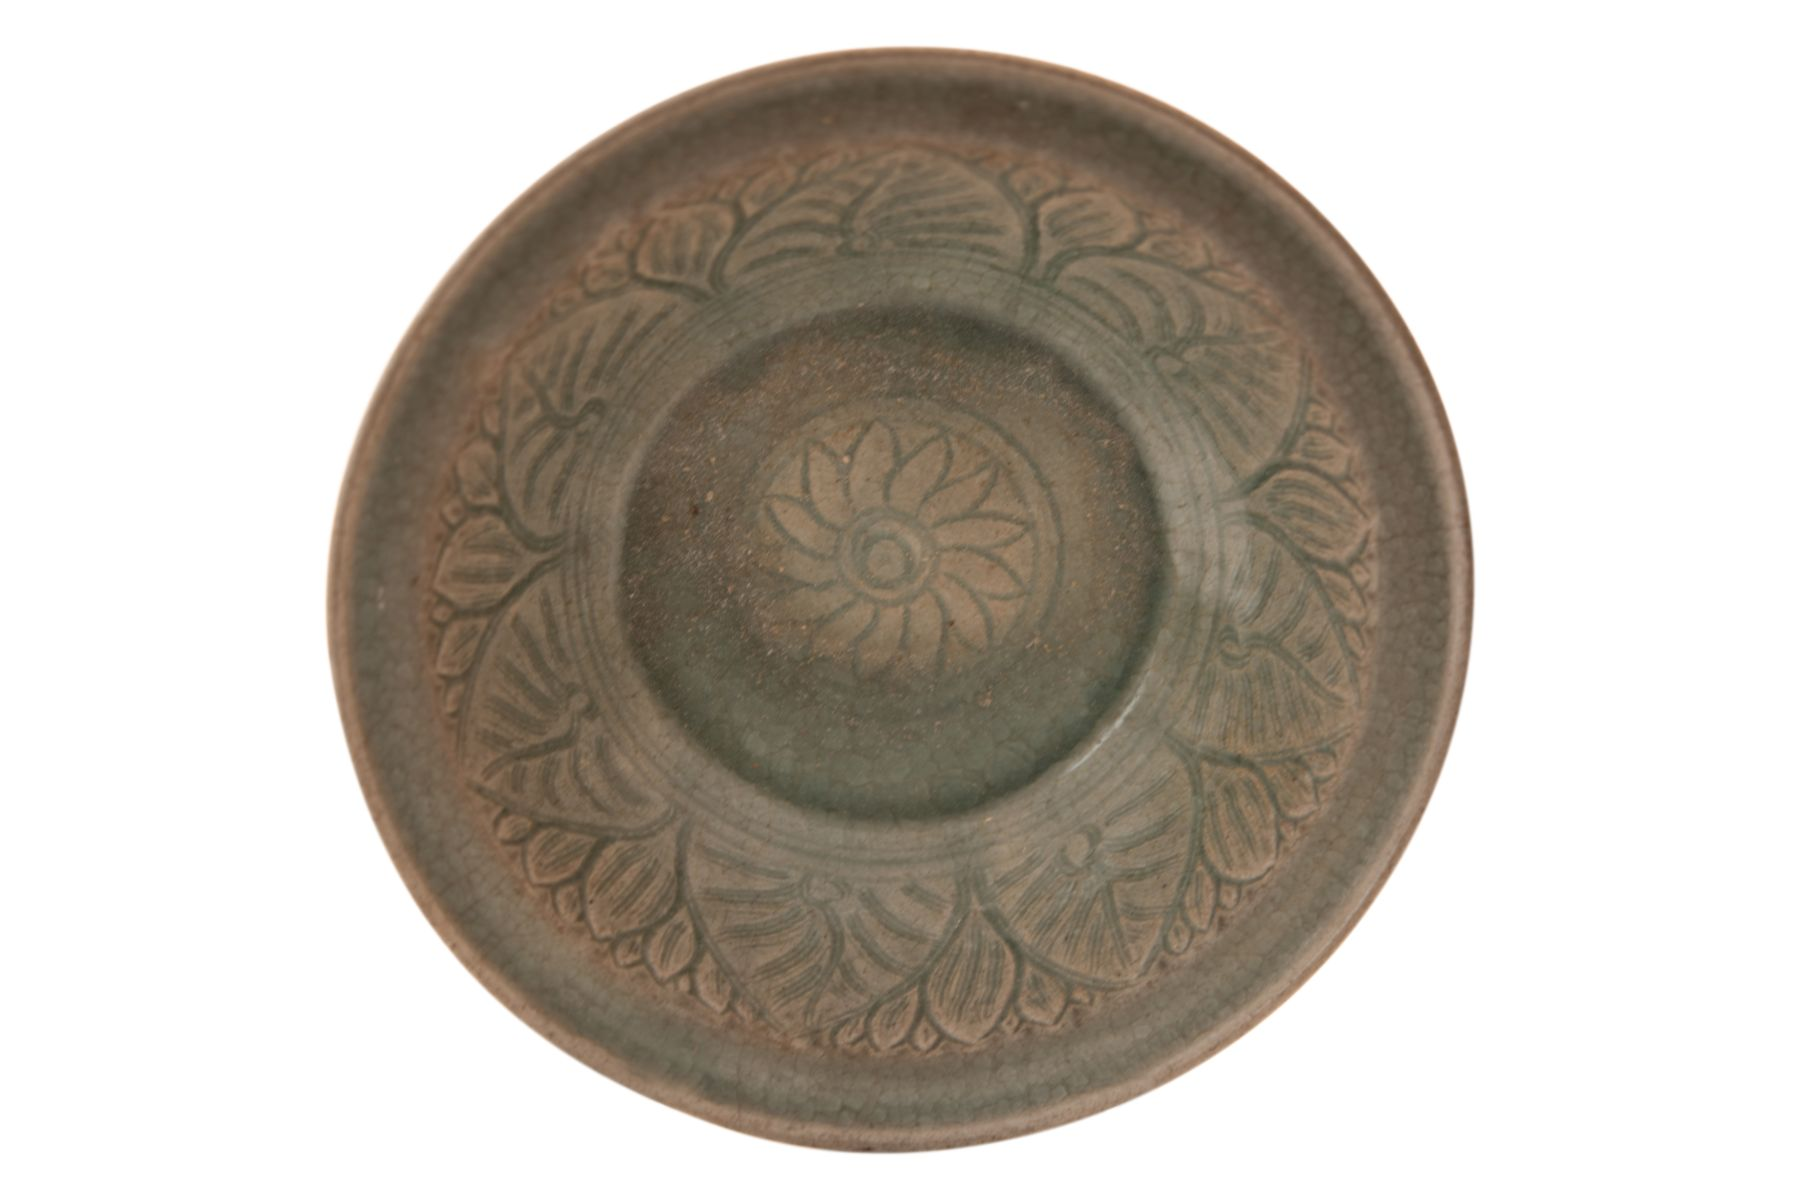 #82 Sawankhalok Bowl, 17th C. | Sawankhalok Schale, 17. Jh. Image